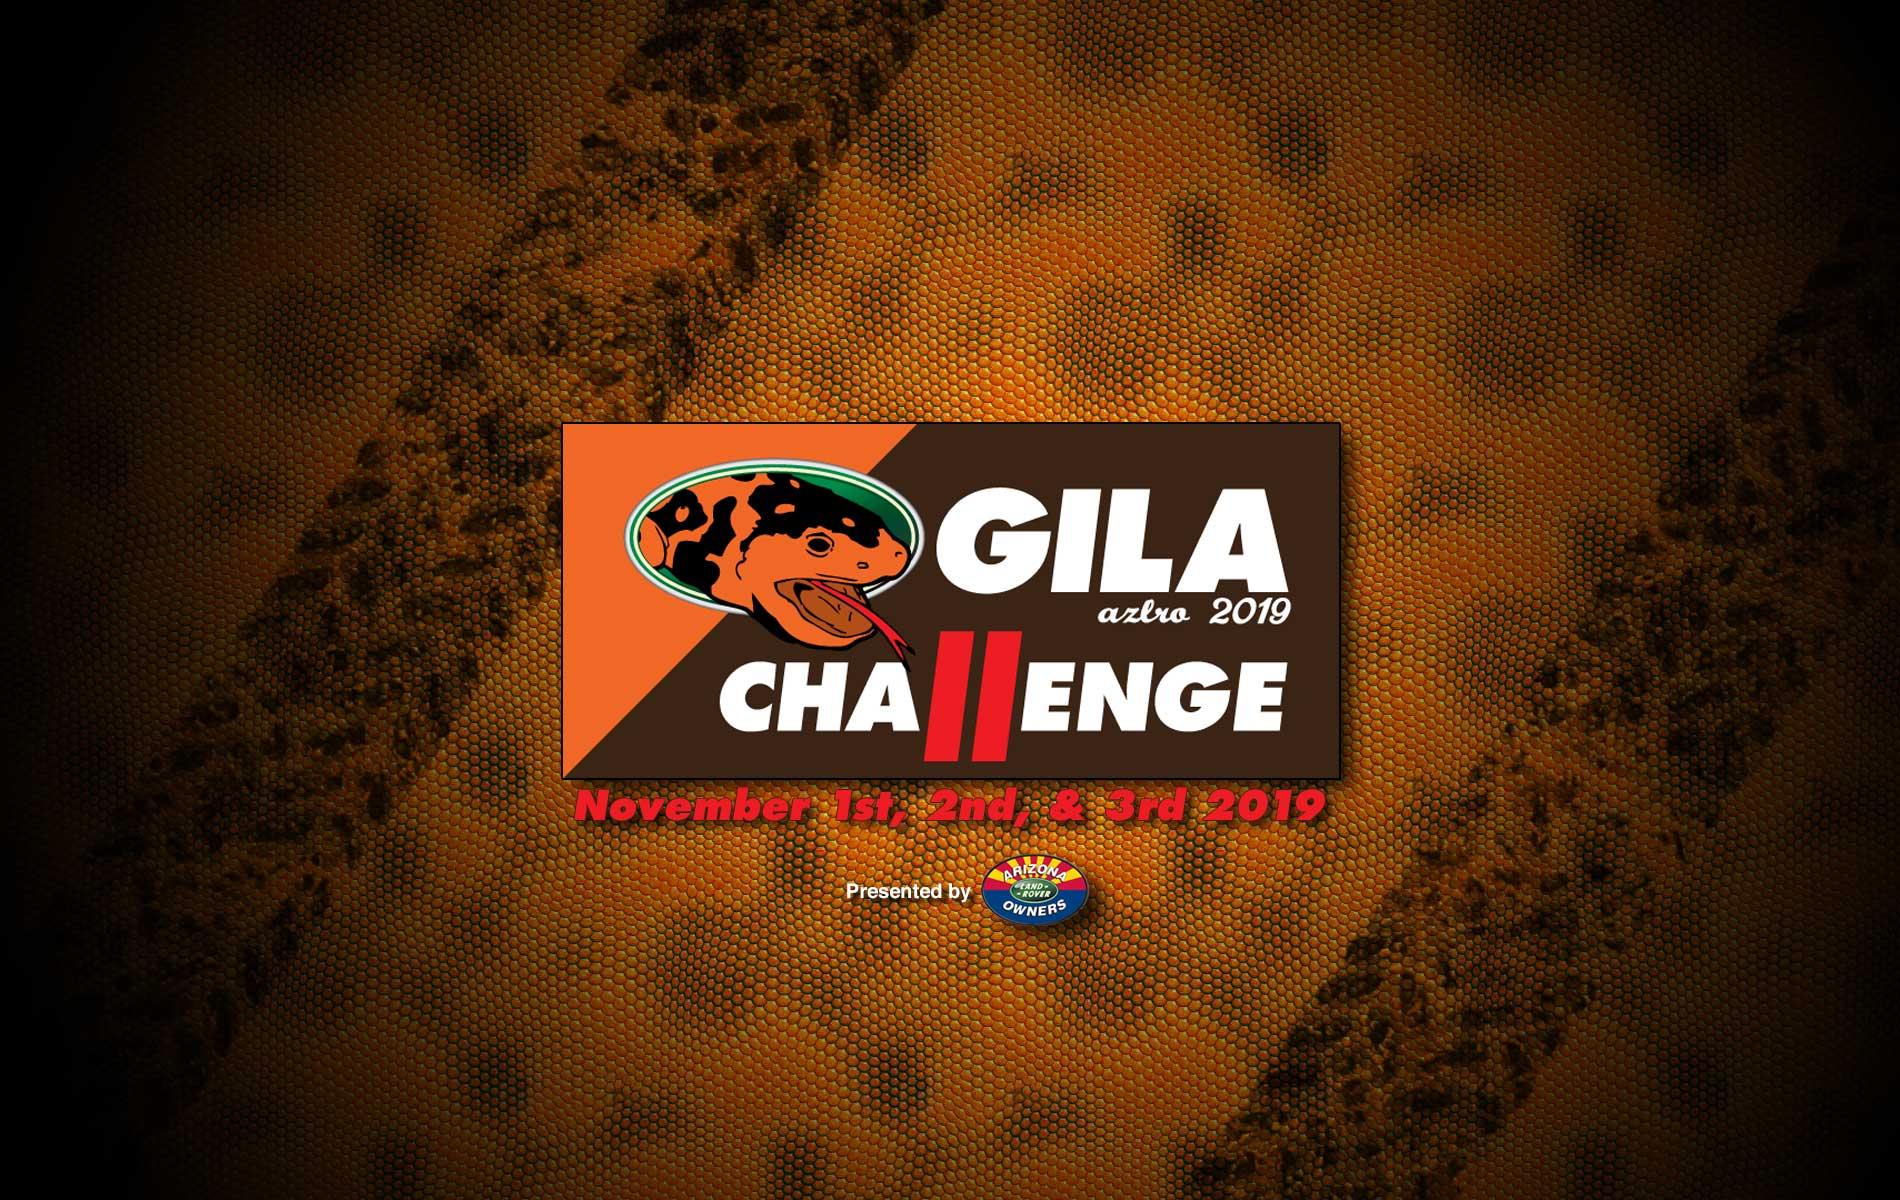 GilaIIHomepageSlide